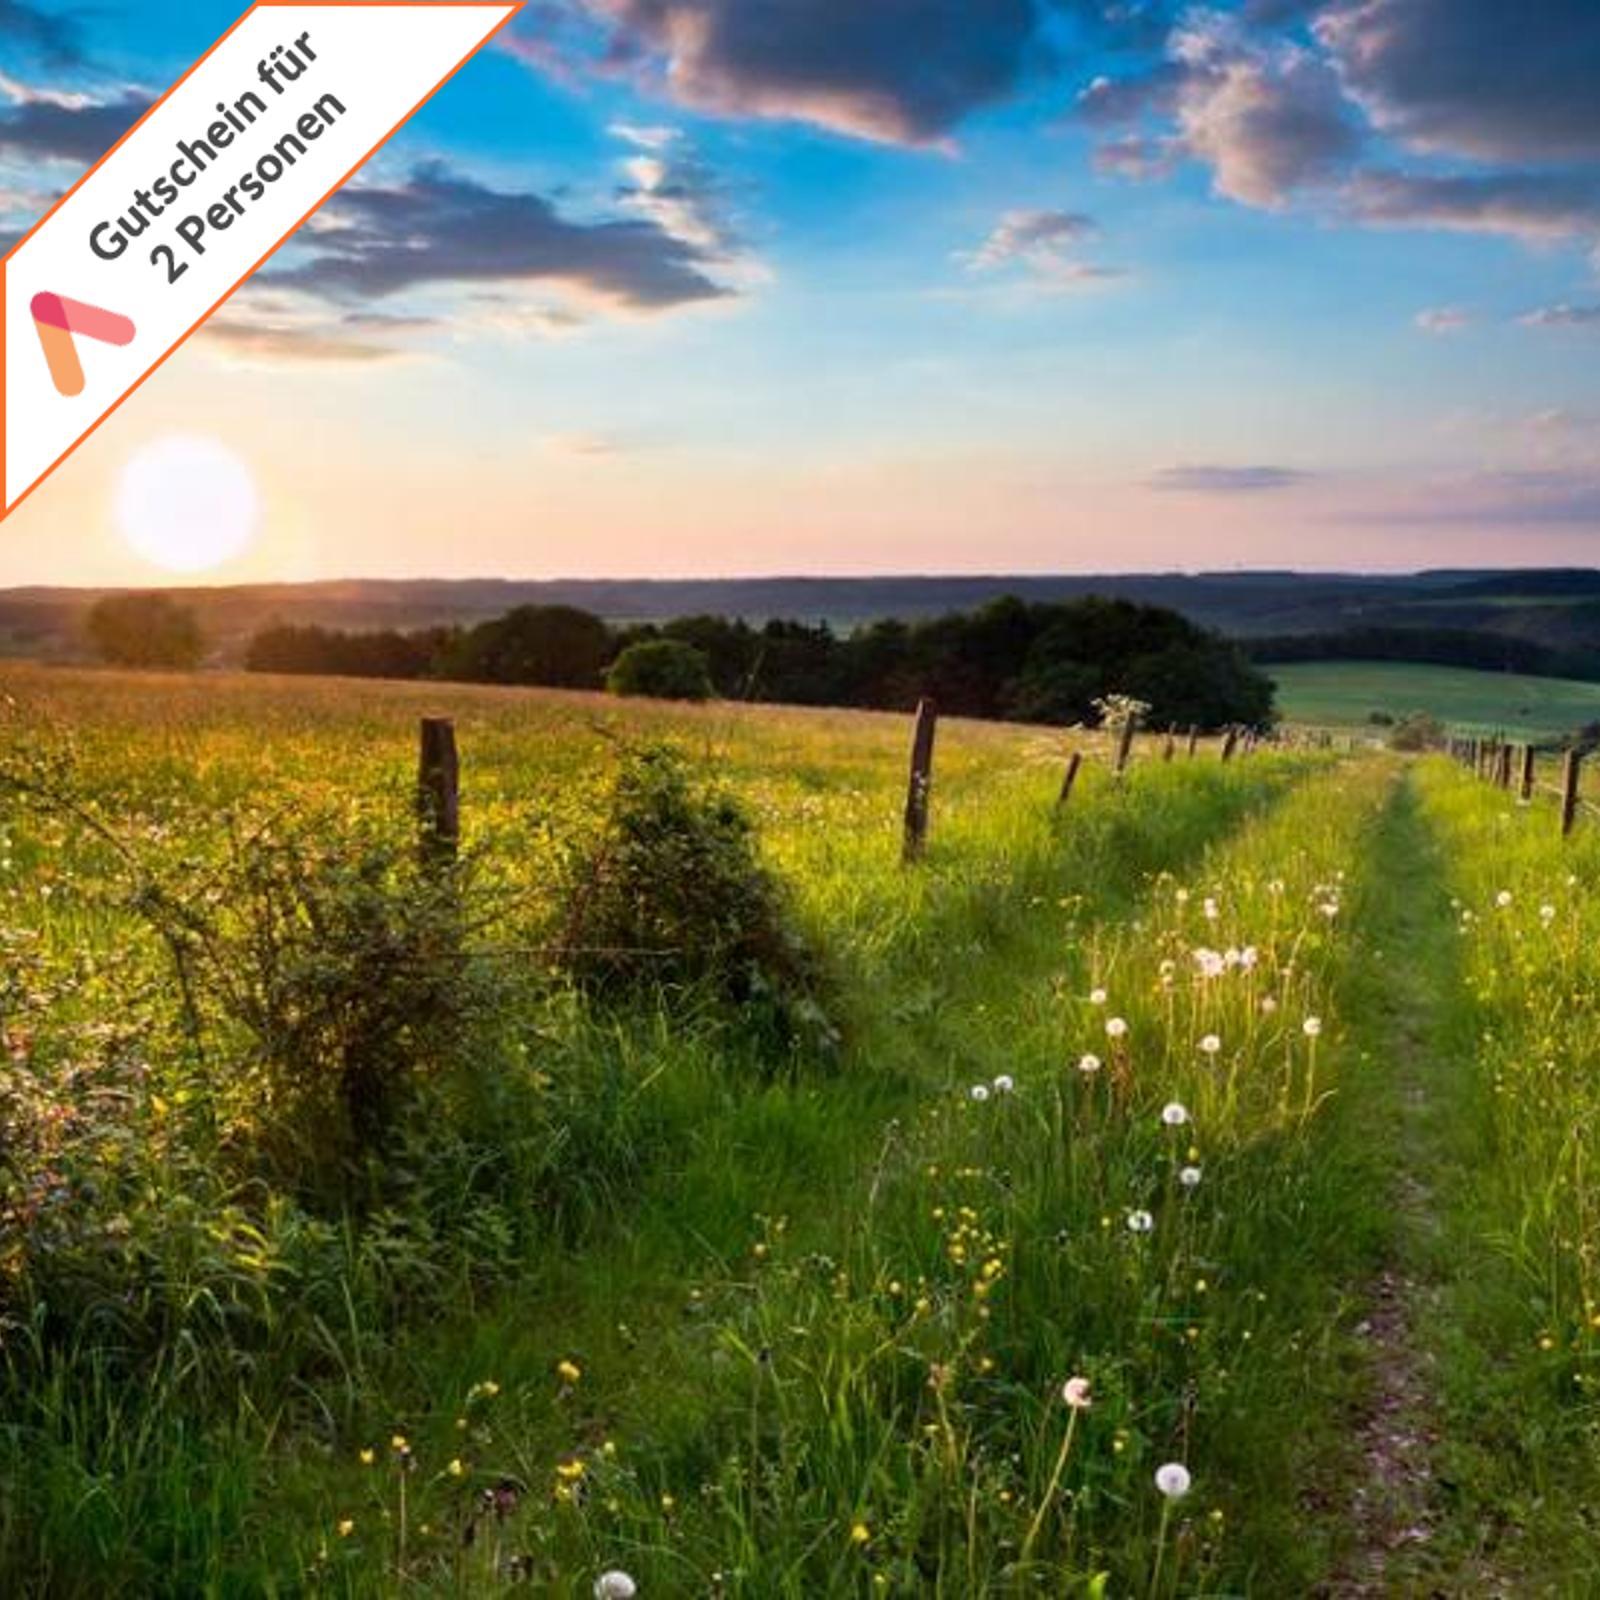 Kurzreise-Vogtland-Sachsen-4-Tage-3-Sterne-Hotel-Falkenstein-2-Pers-Gutschein